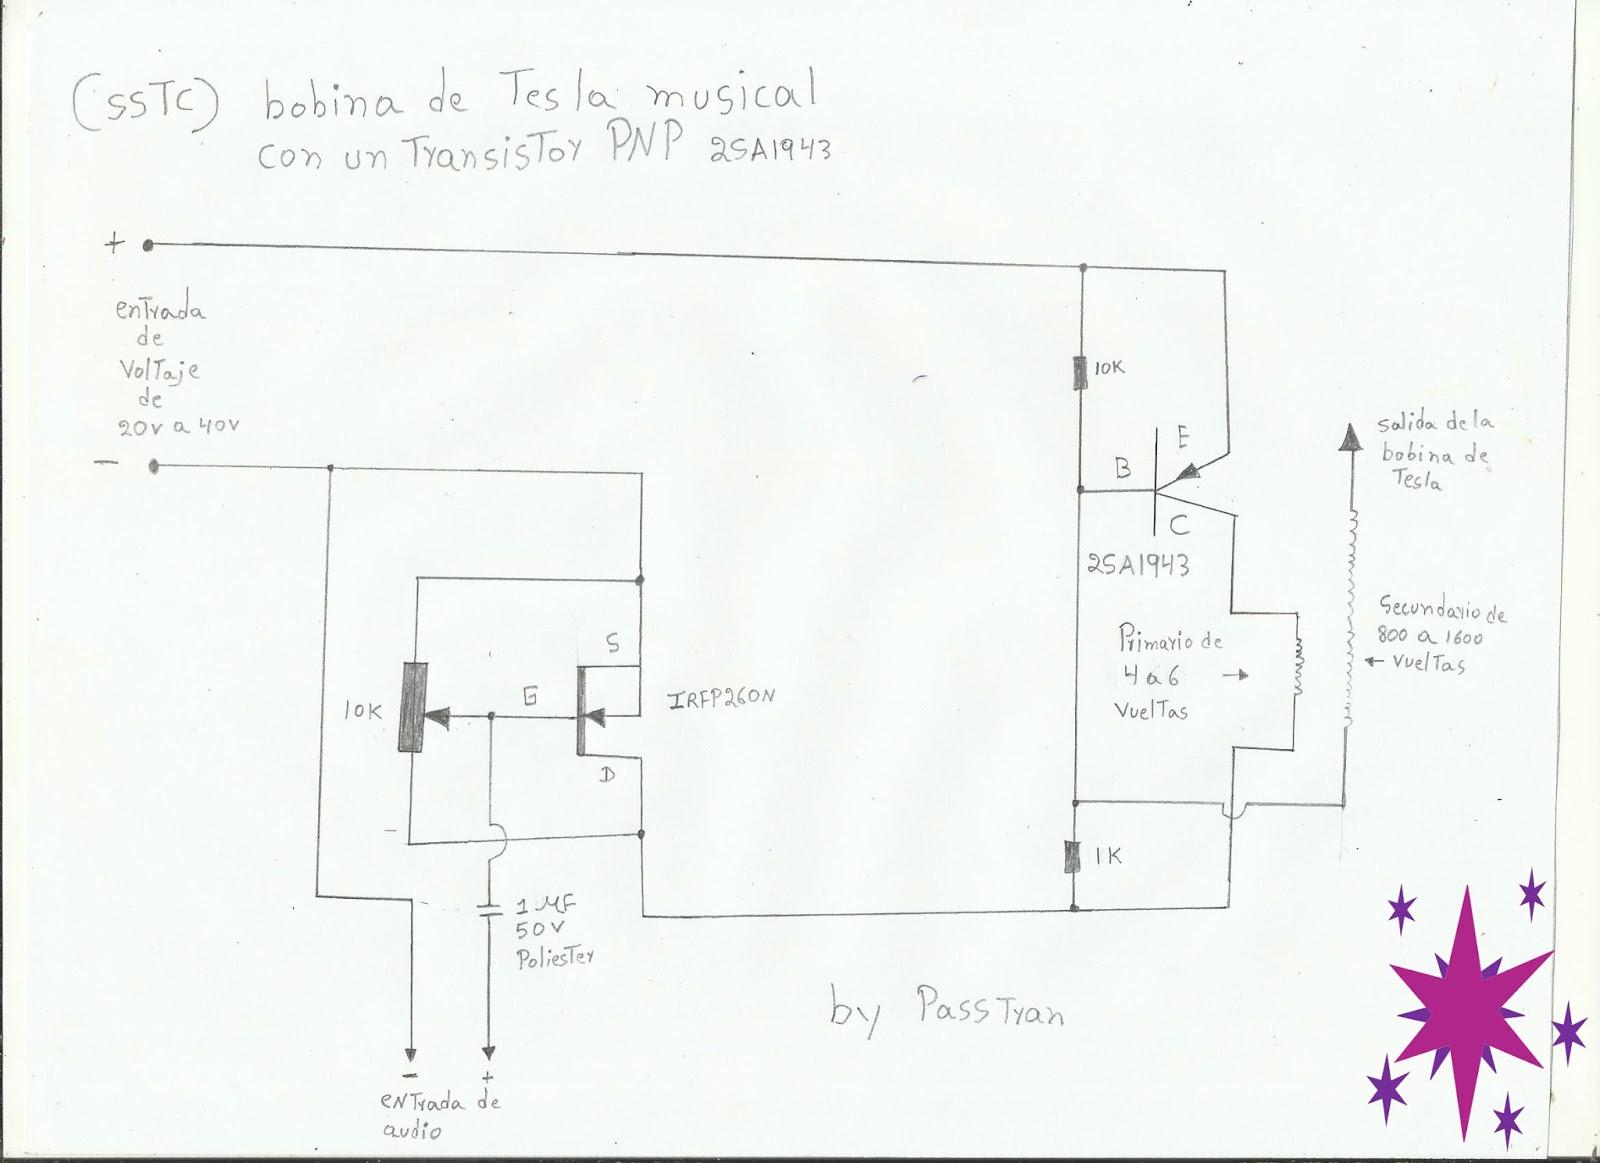 Circuito Bobina De Tesla : Ponyelectronica bobina de tesla musical con un transistor de